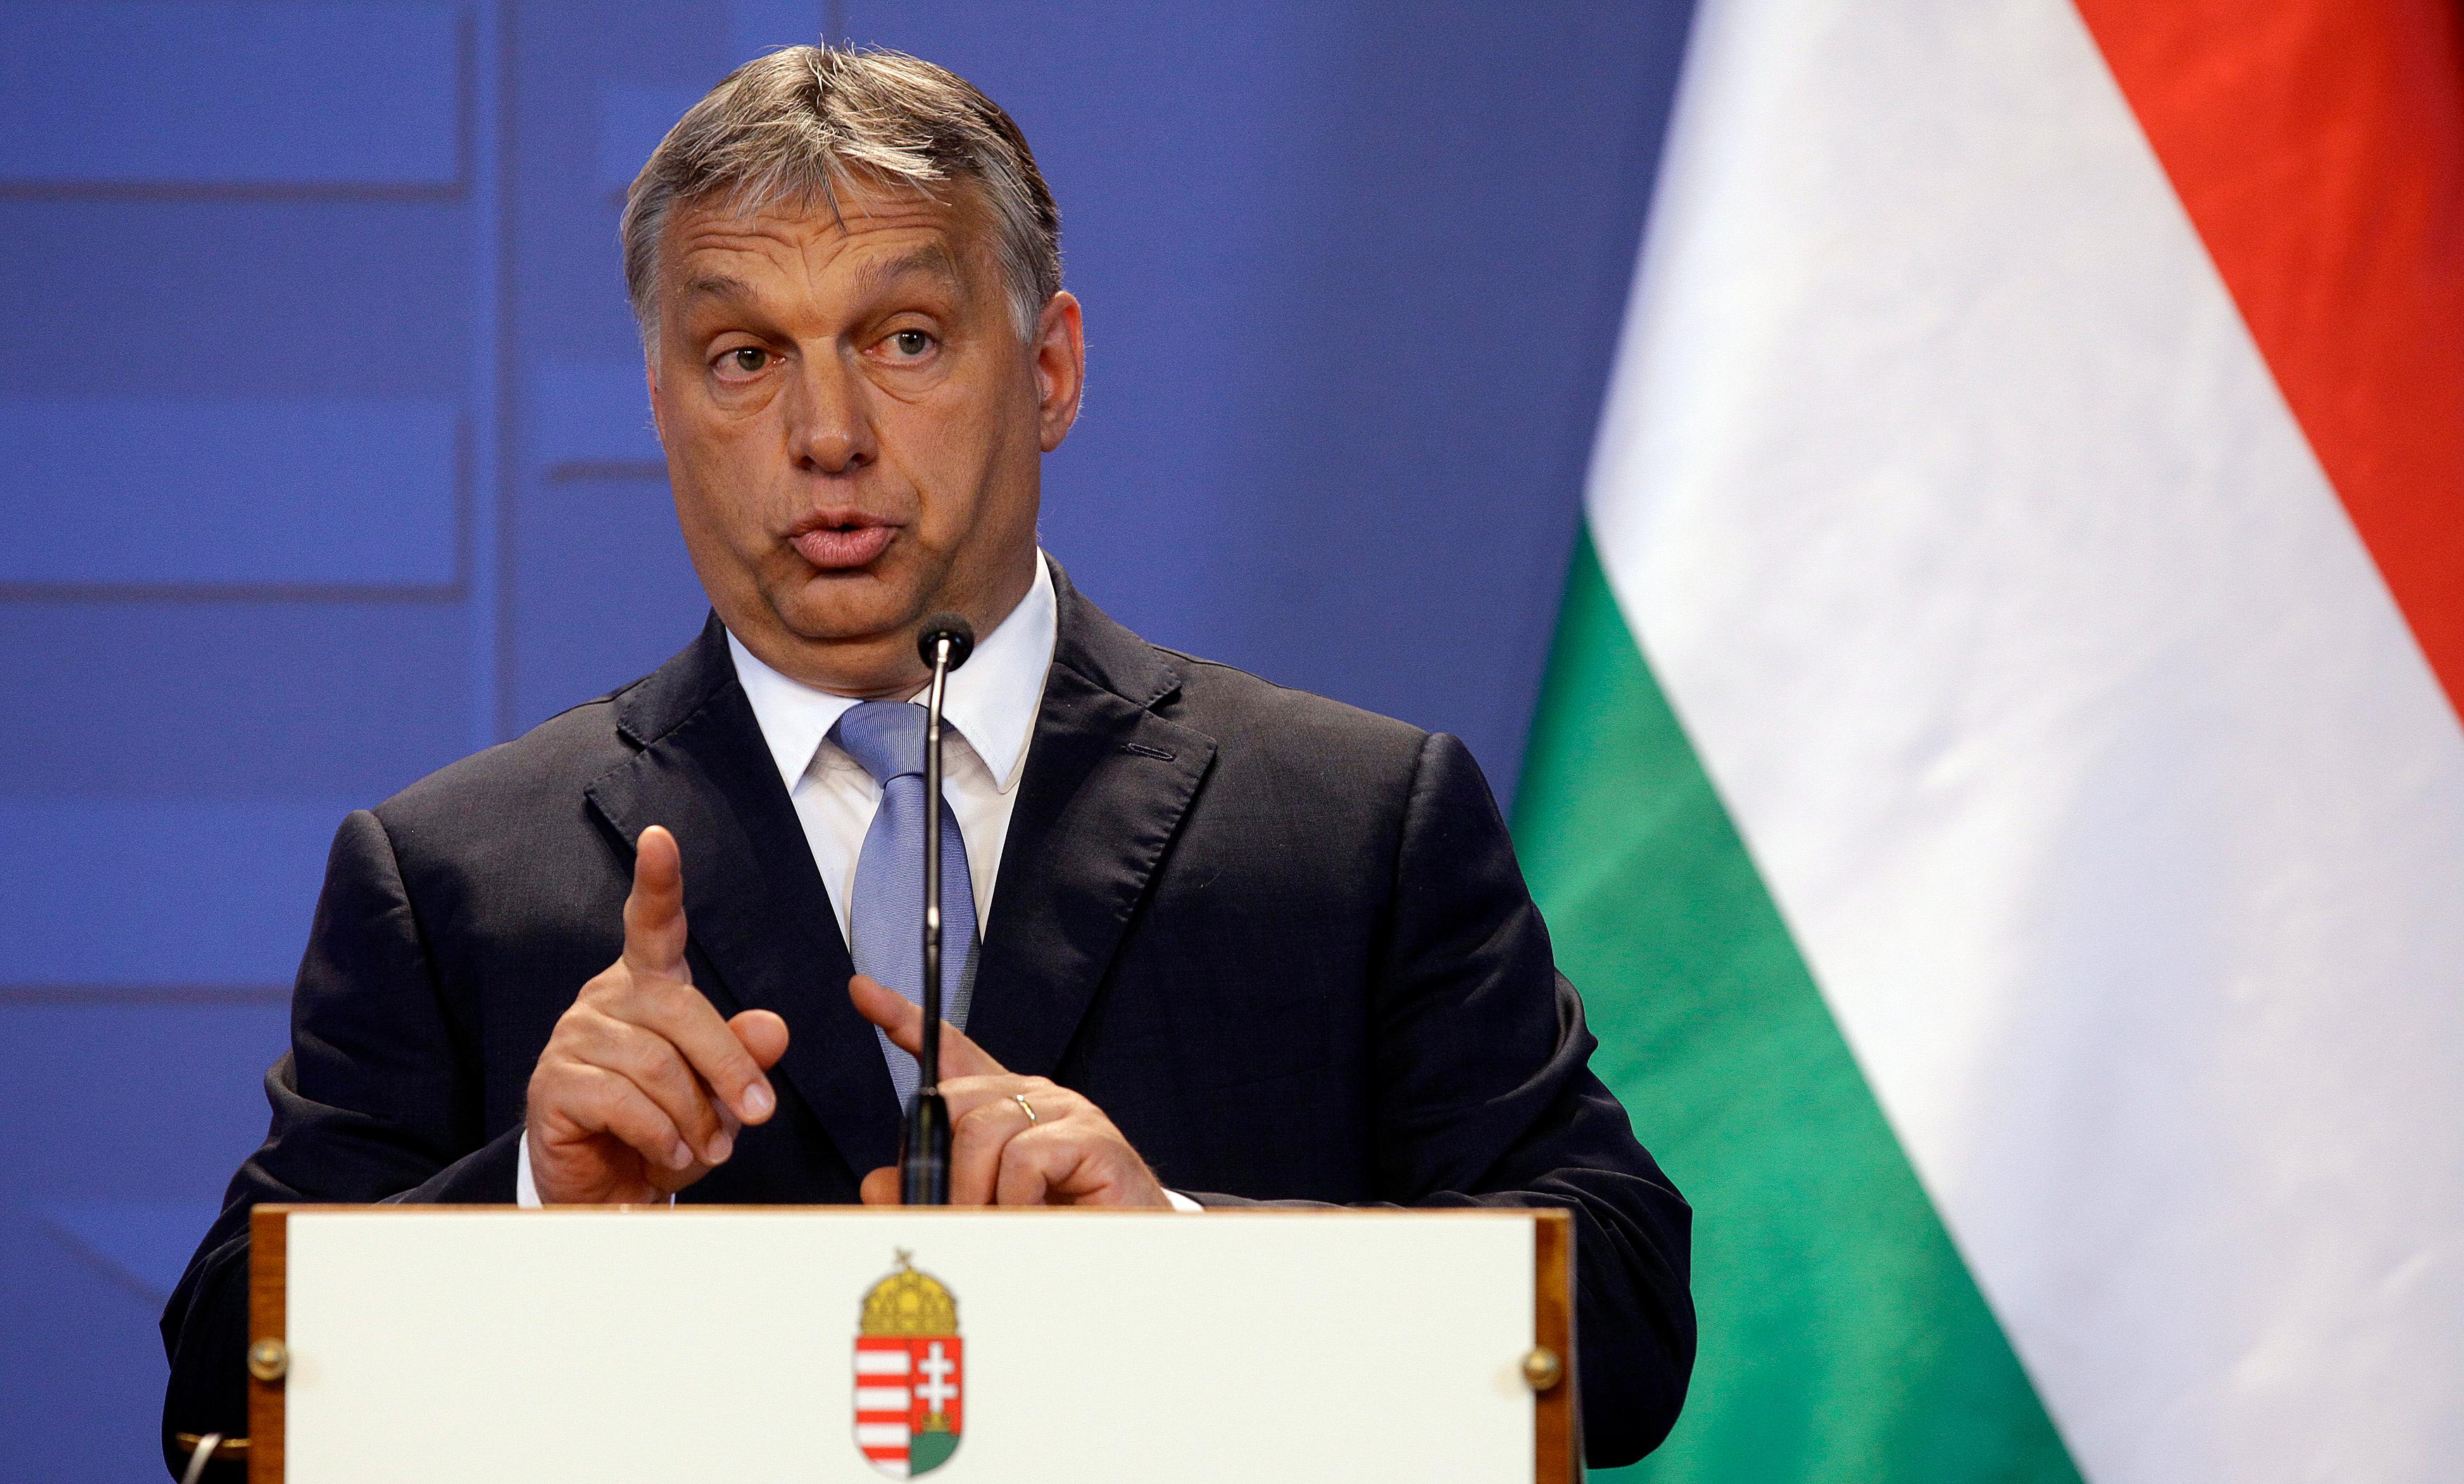 Orbán: Ha mi nem teljesítettük volna a kötelességünket, Európa mára már elesett volna